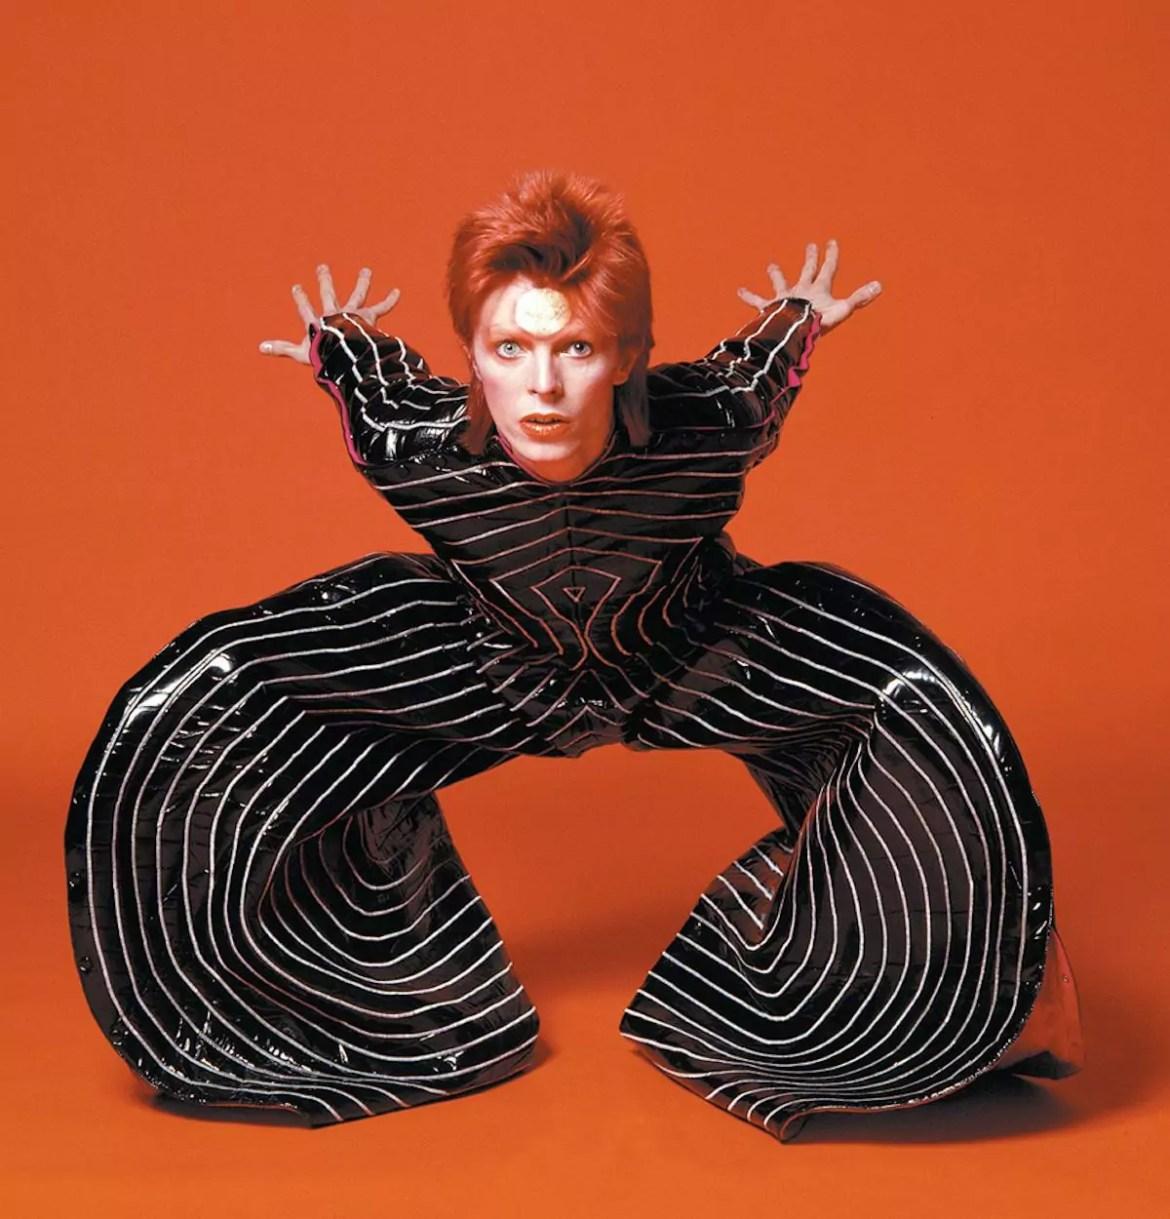 estilista de David Bowie